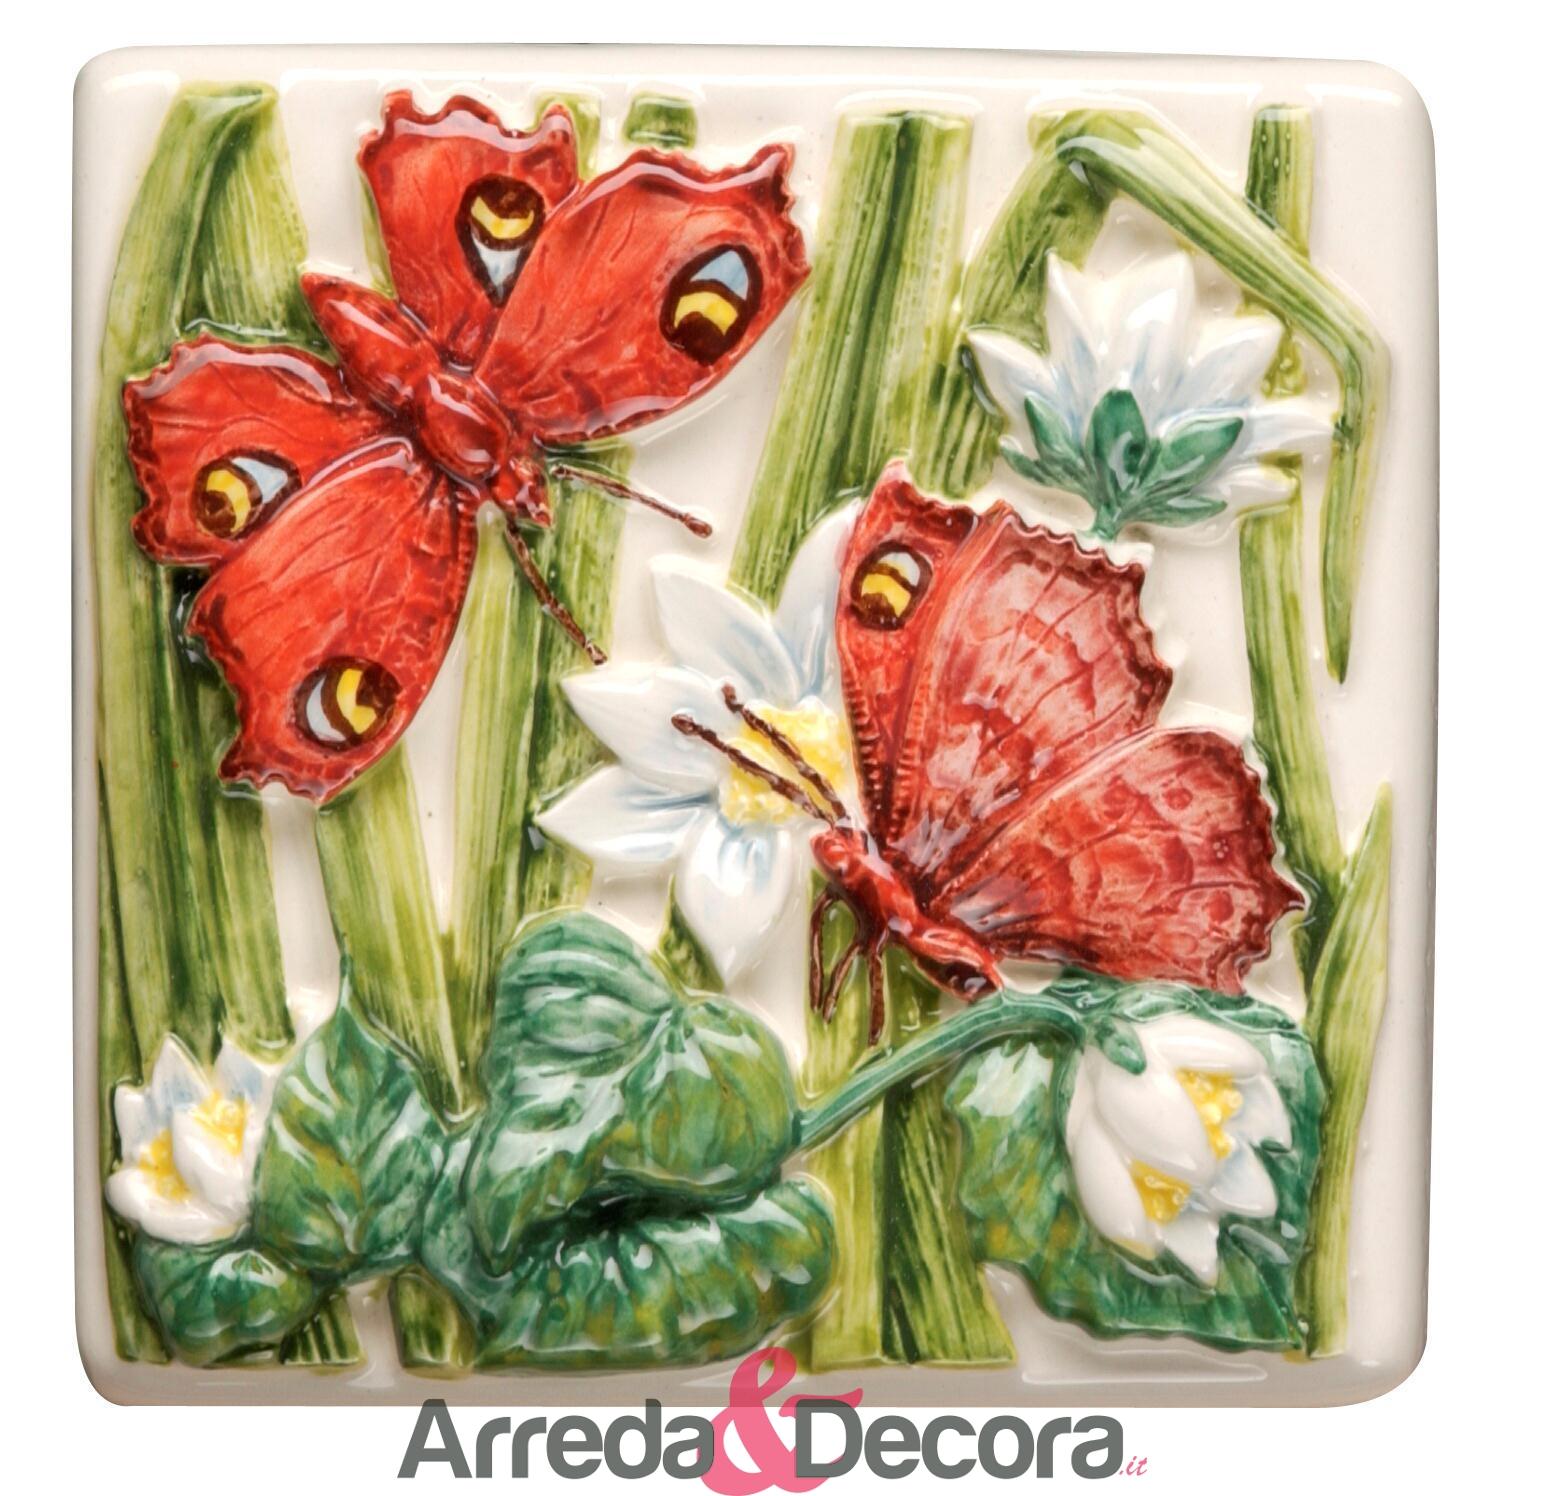 decoro-10x10-farfalle-di-pavone